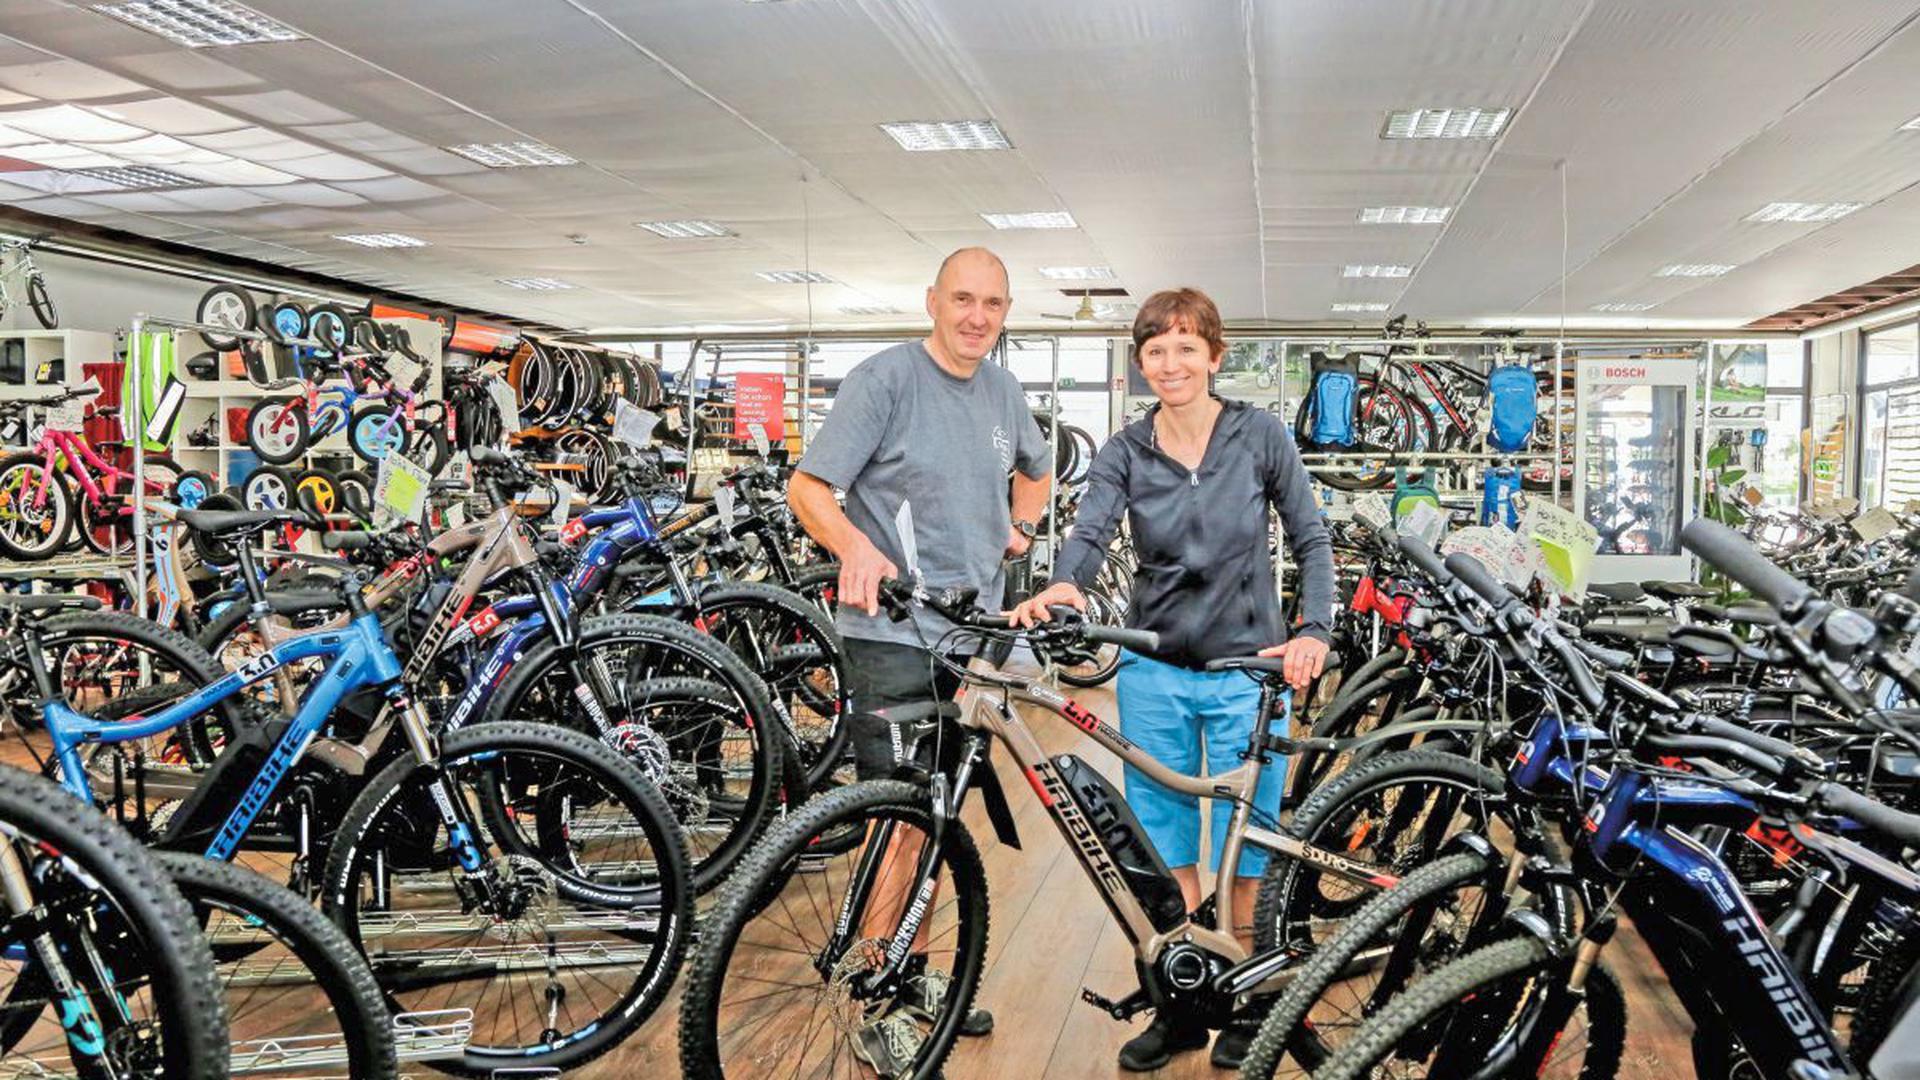 Haben ihr Lager voll: Manuela und Egon Fenrich betreiben das Fahrradgeschäft Tretlager in der Brettener Weißhoferstraße. Ihnen kommt bei den aktuellen Lieferschwierigkeiten zugute, dass sie kräftig eingekauft haben, weil sie demnächst in Mühlacker eine weiteres Geschäft eröffnen wollen.